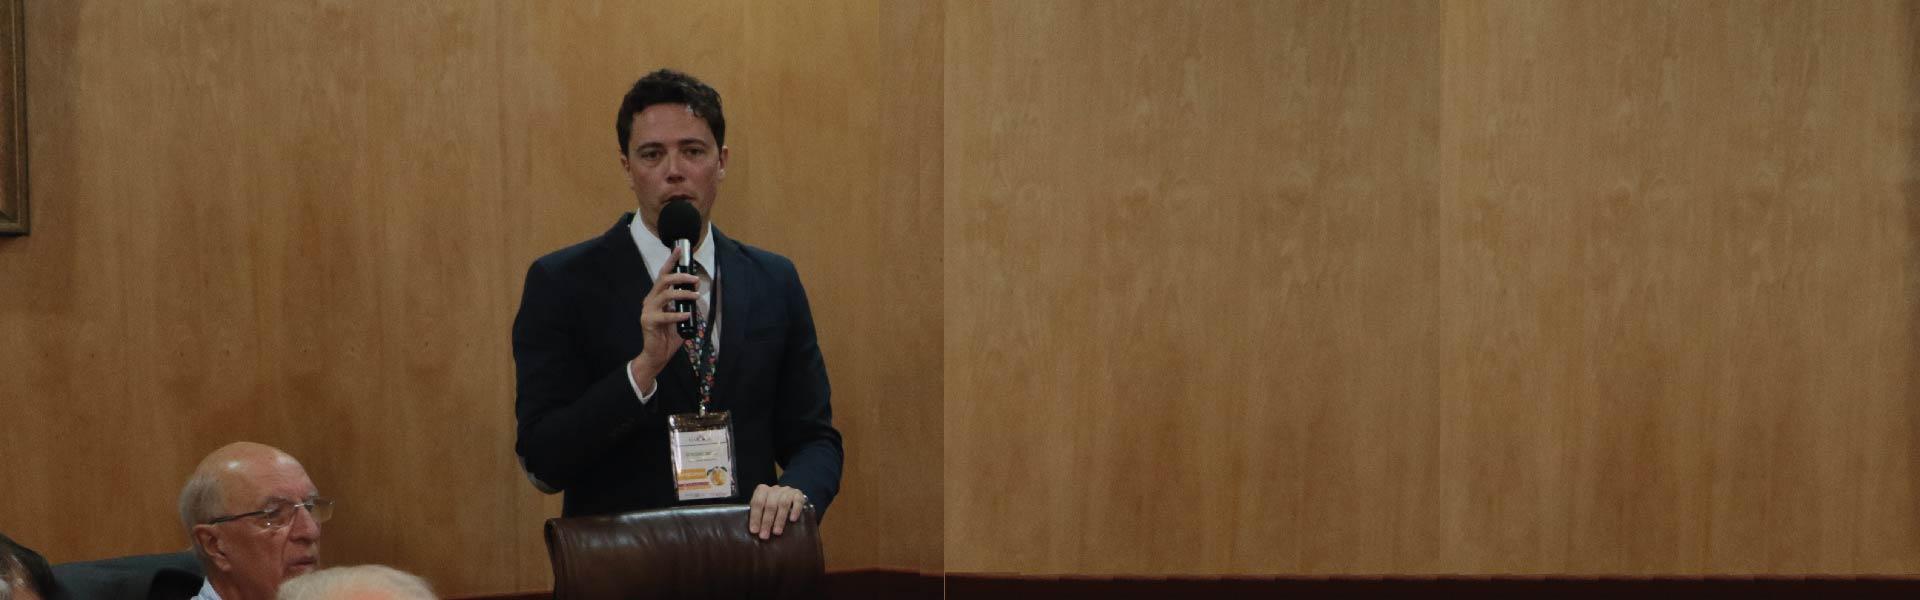 Simone Belli entregó los primeros resultados de EULAC-Focus en El Salvador